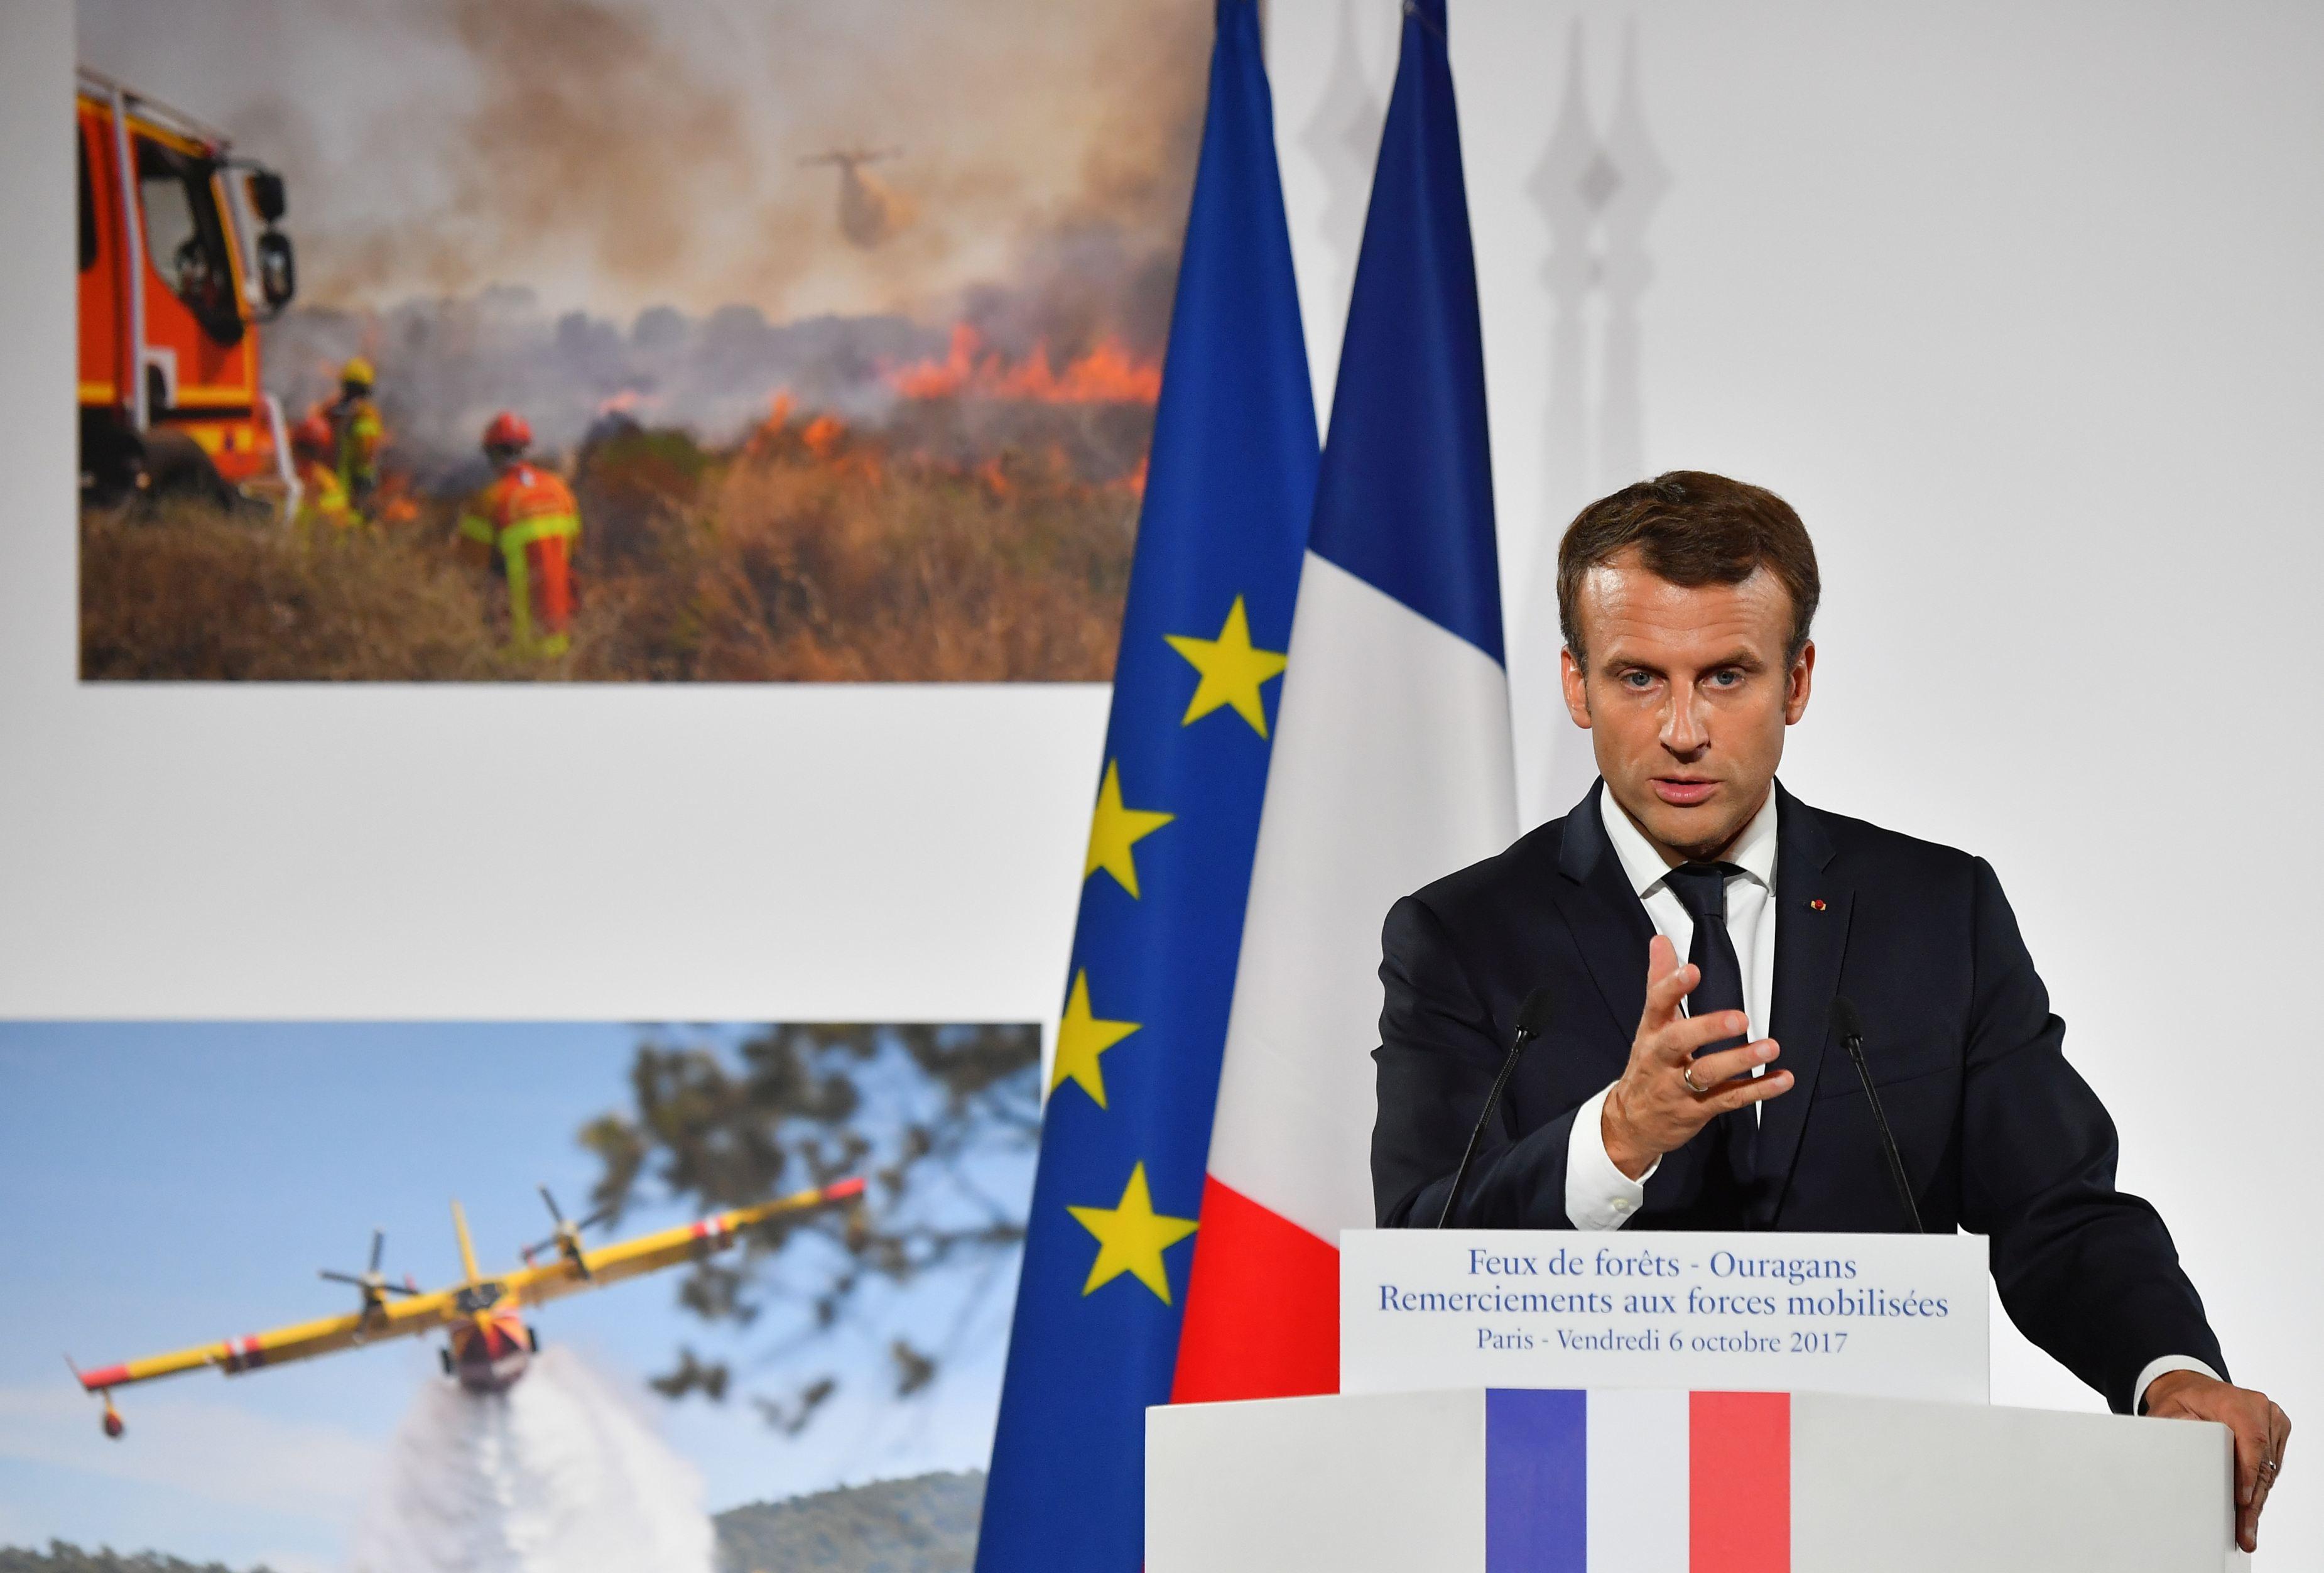 Premierul libanez demisionar ar urma să ajungă sâmbătă în Franţa şi să fie primit de preşedintele Emmanuel Macron